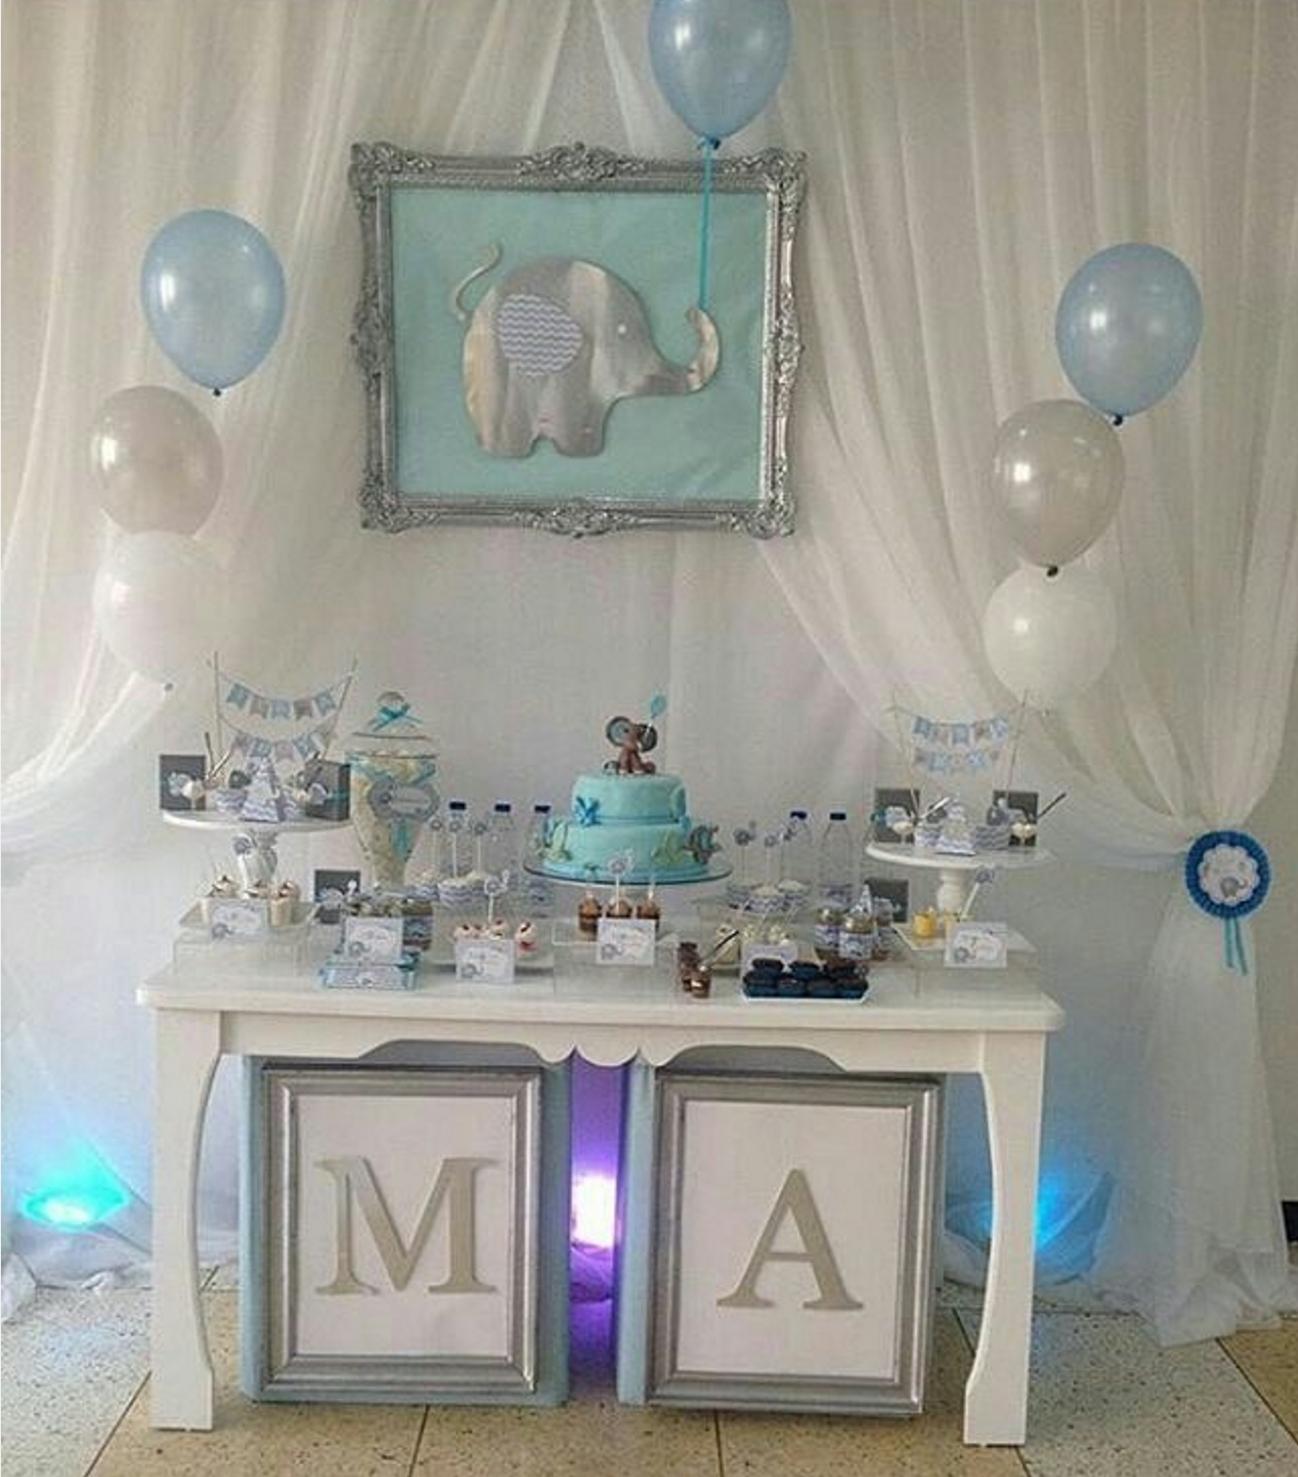 101 fiestas ideas de decoraci n para tu fiesta de baby - Idea de decoracion ...